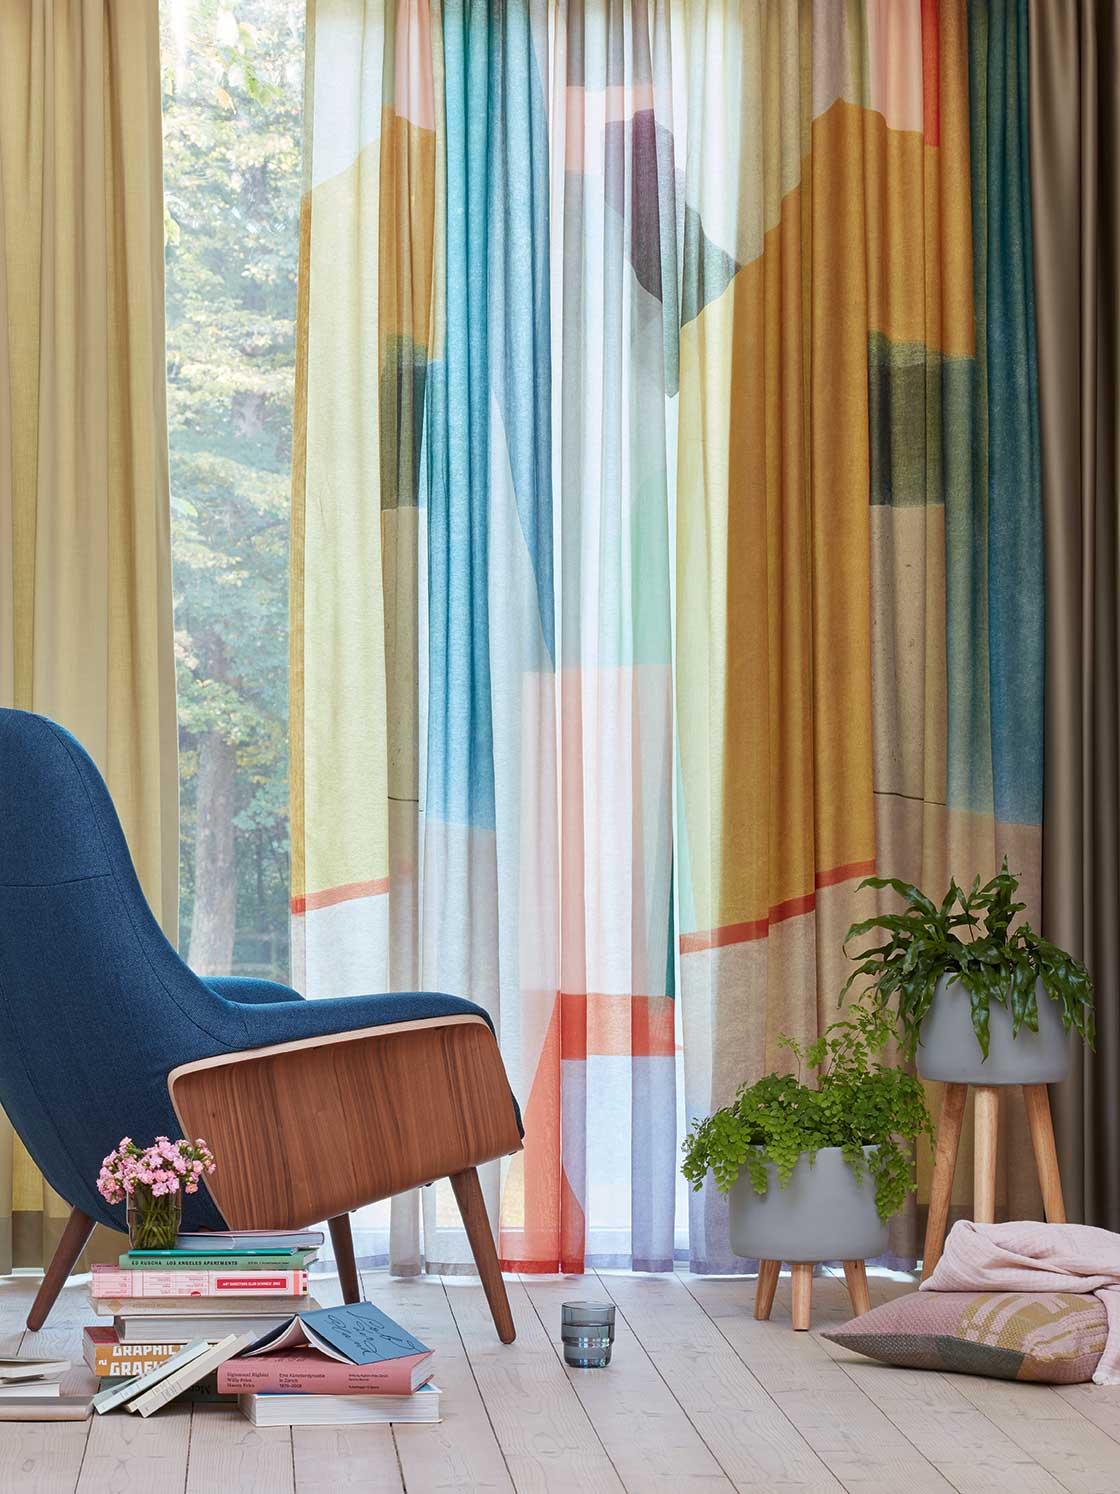 Full Size of Modulküche Ikea Küche Kosten Betten 160x200 Kaufen Bei Sofa Mit Schlaffunktion Miniküche Wohnzimmer Küchengardinen Ikea